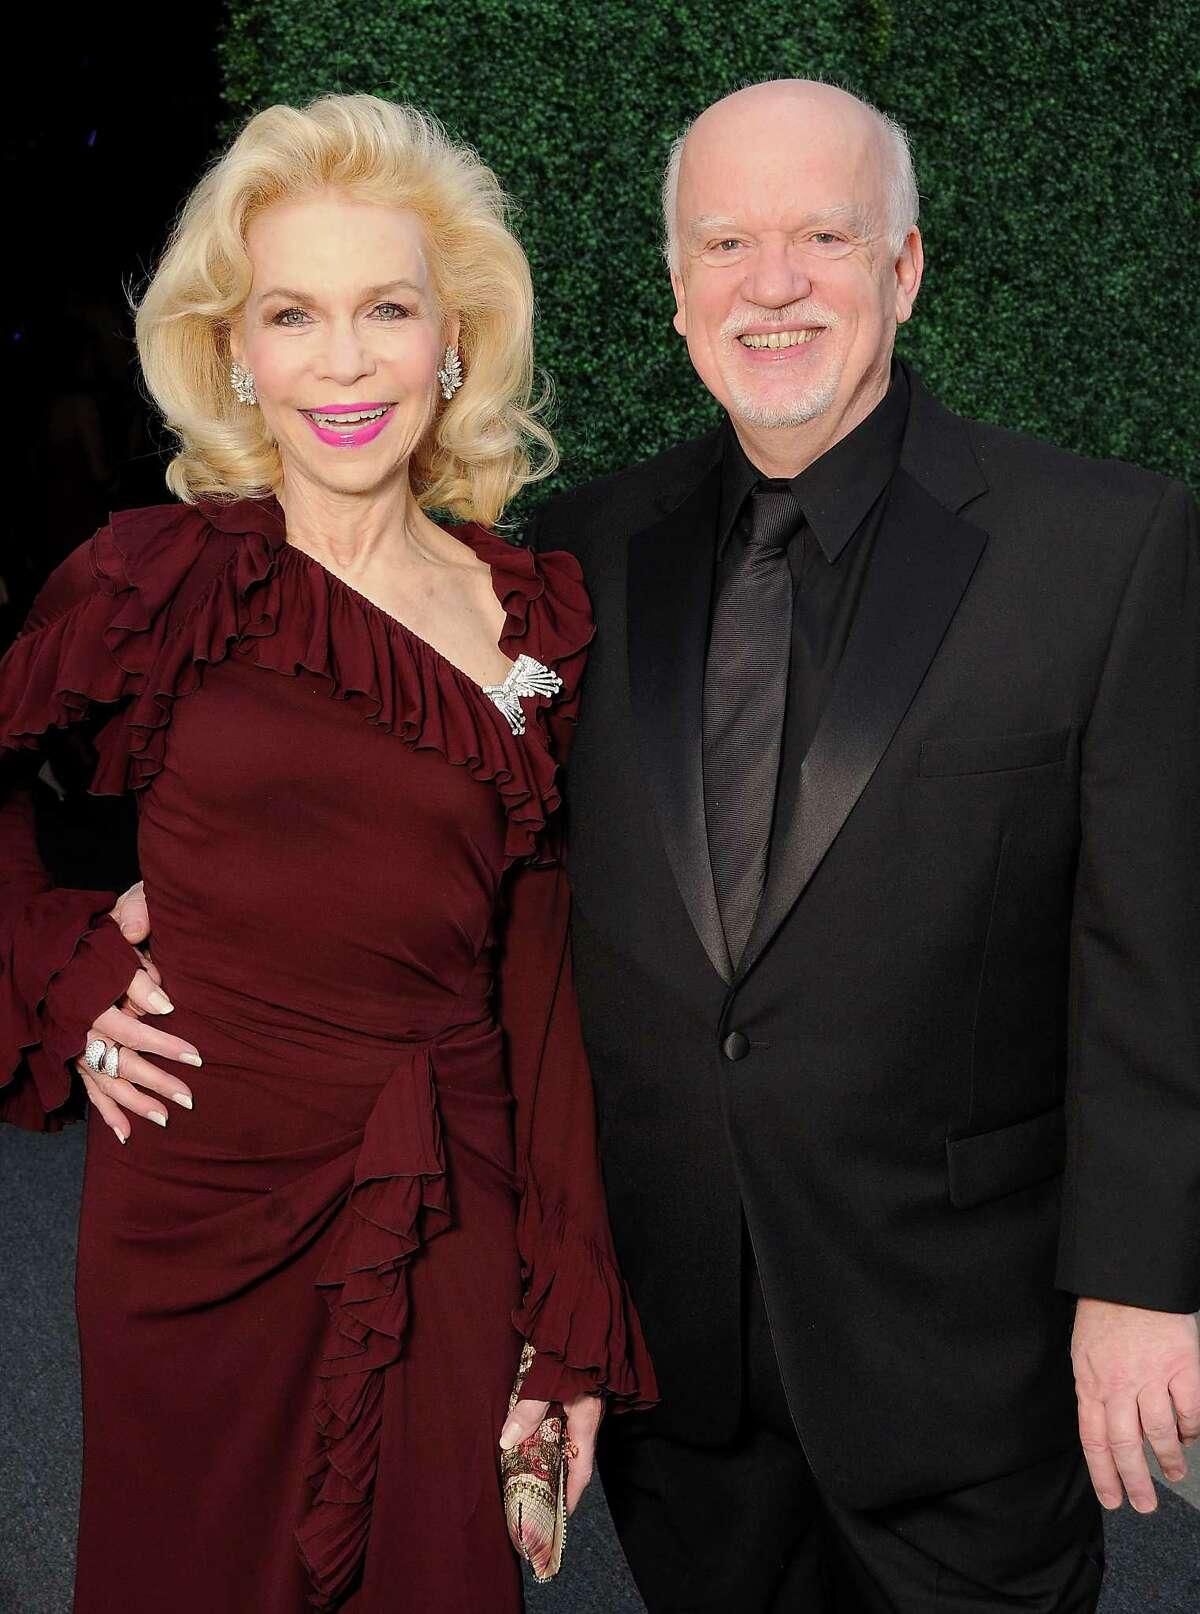 Lynn Wyatt & Gregory Boyd at the 2014 Alley Theatre Ball